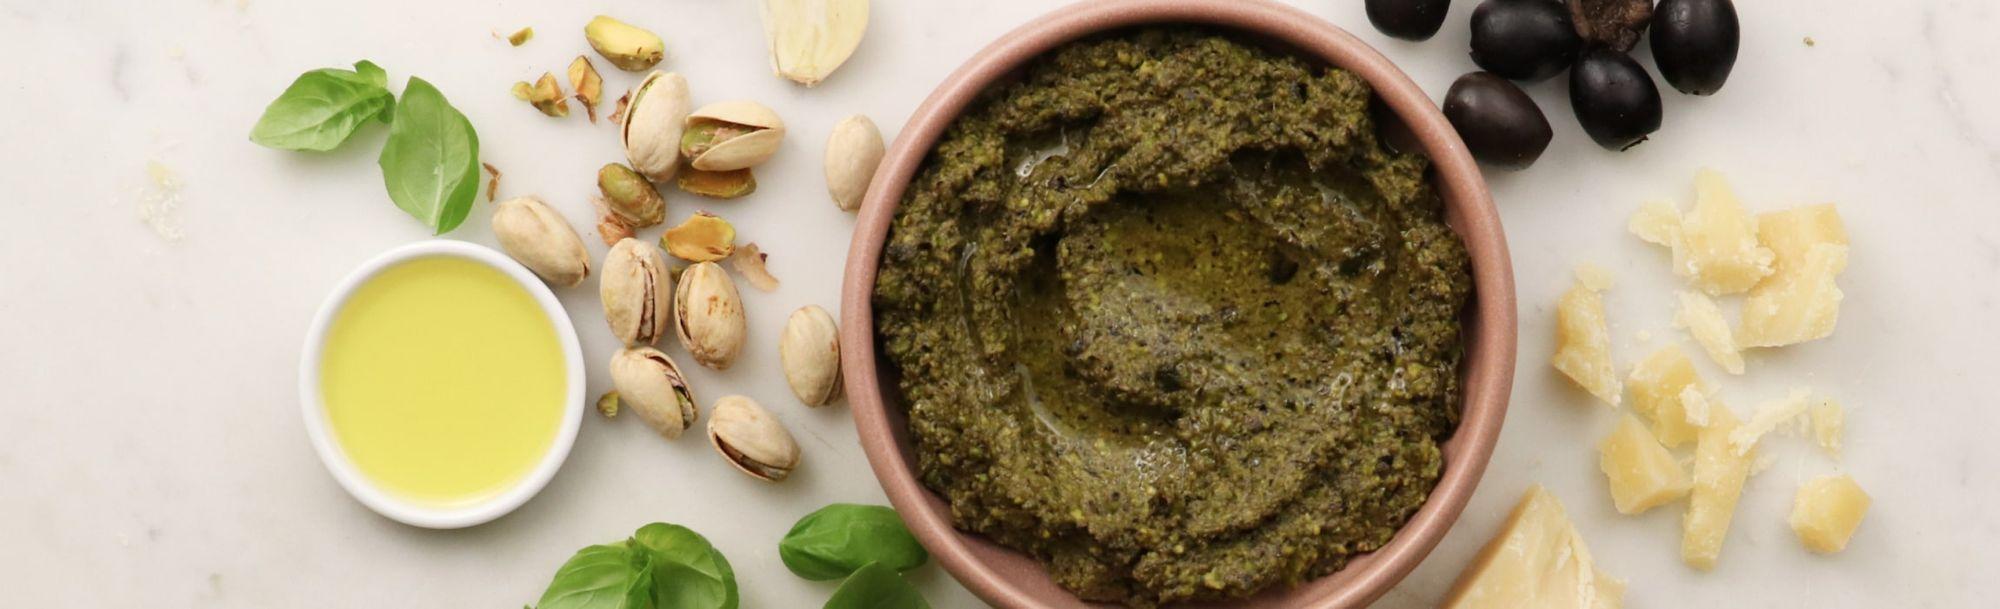 Recette de pesto aux olives